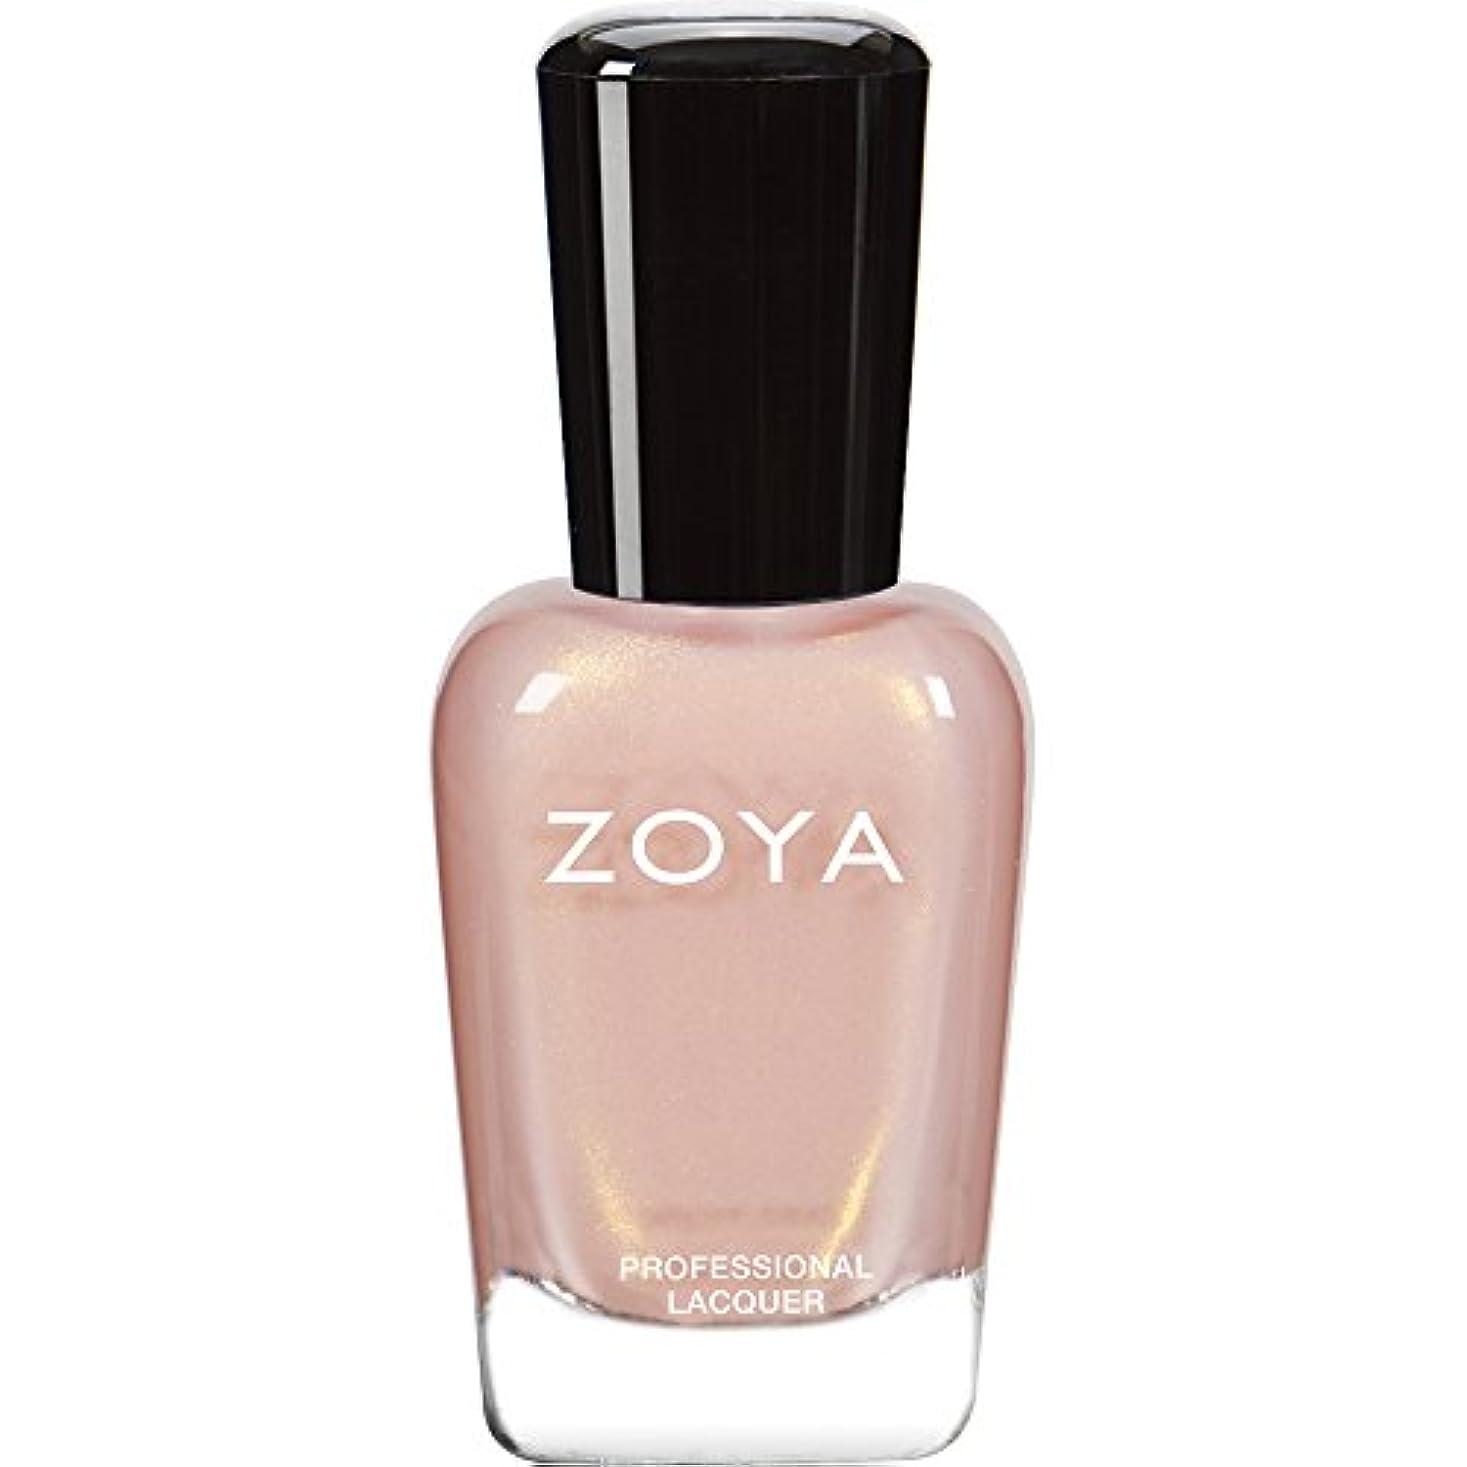 冷淡ななぜ妊娠したZOYA ゾーヤ ネイルカラーZP445(ERIKA) エリカ 15ml ゴールドがきらめくガーリーなベビーピンク パール/メタリック 爪にやさしいネイルラッカーマニキュア